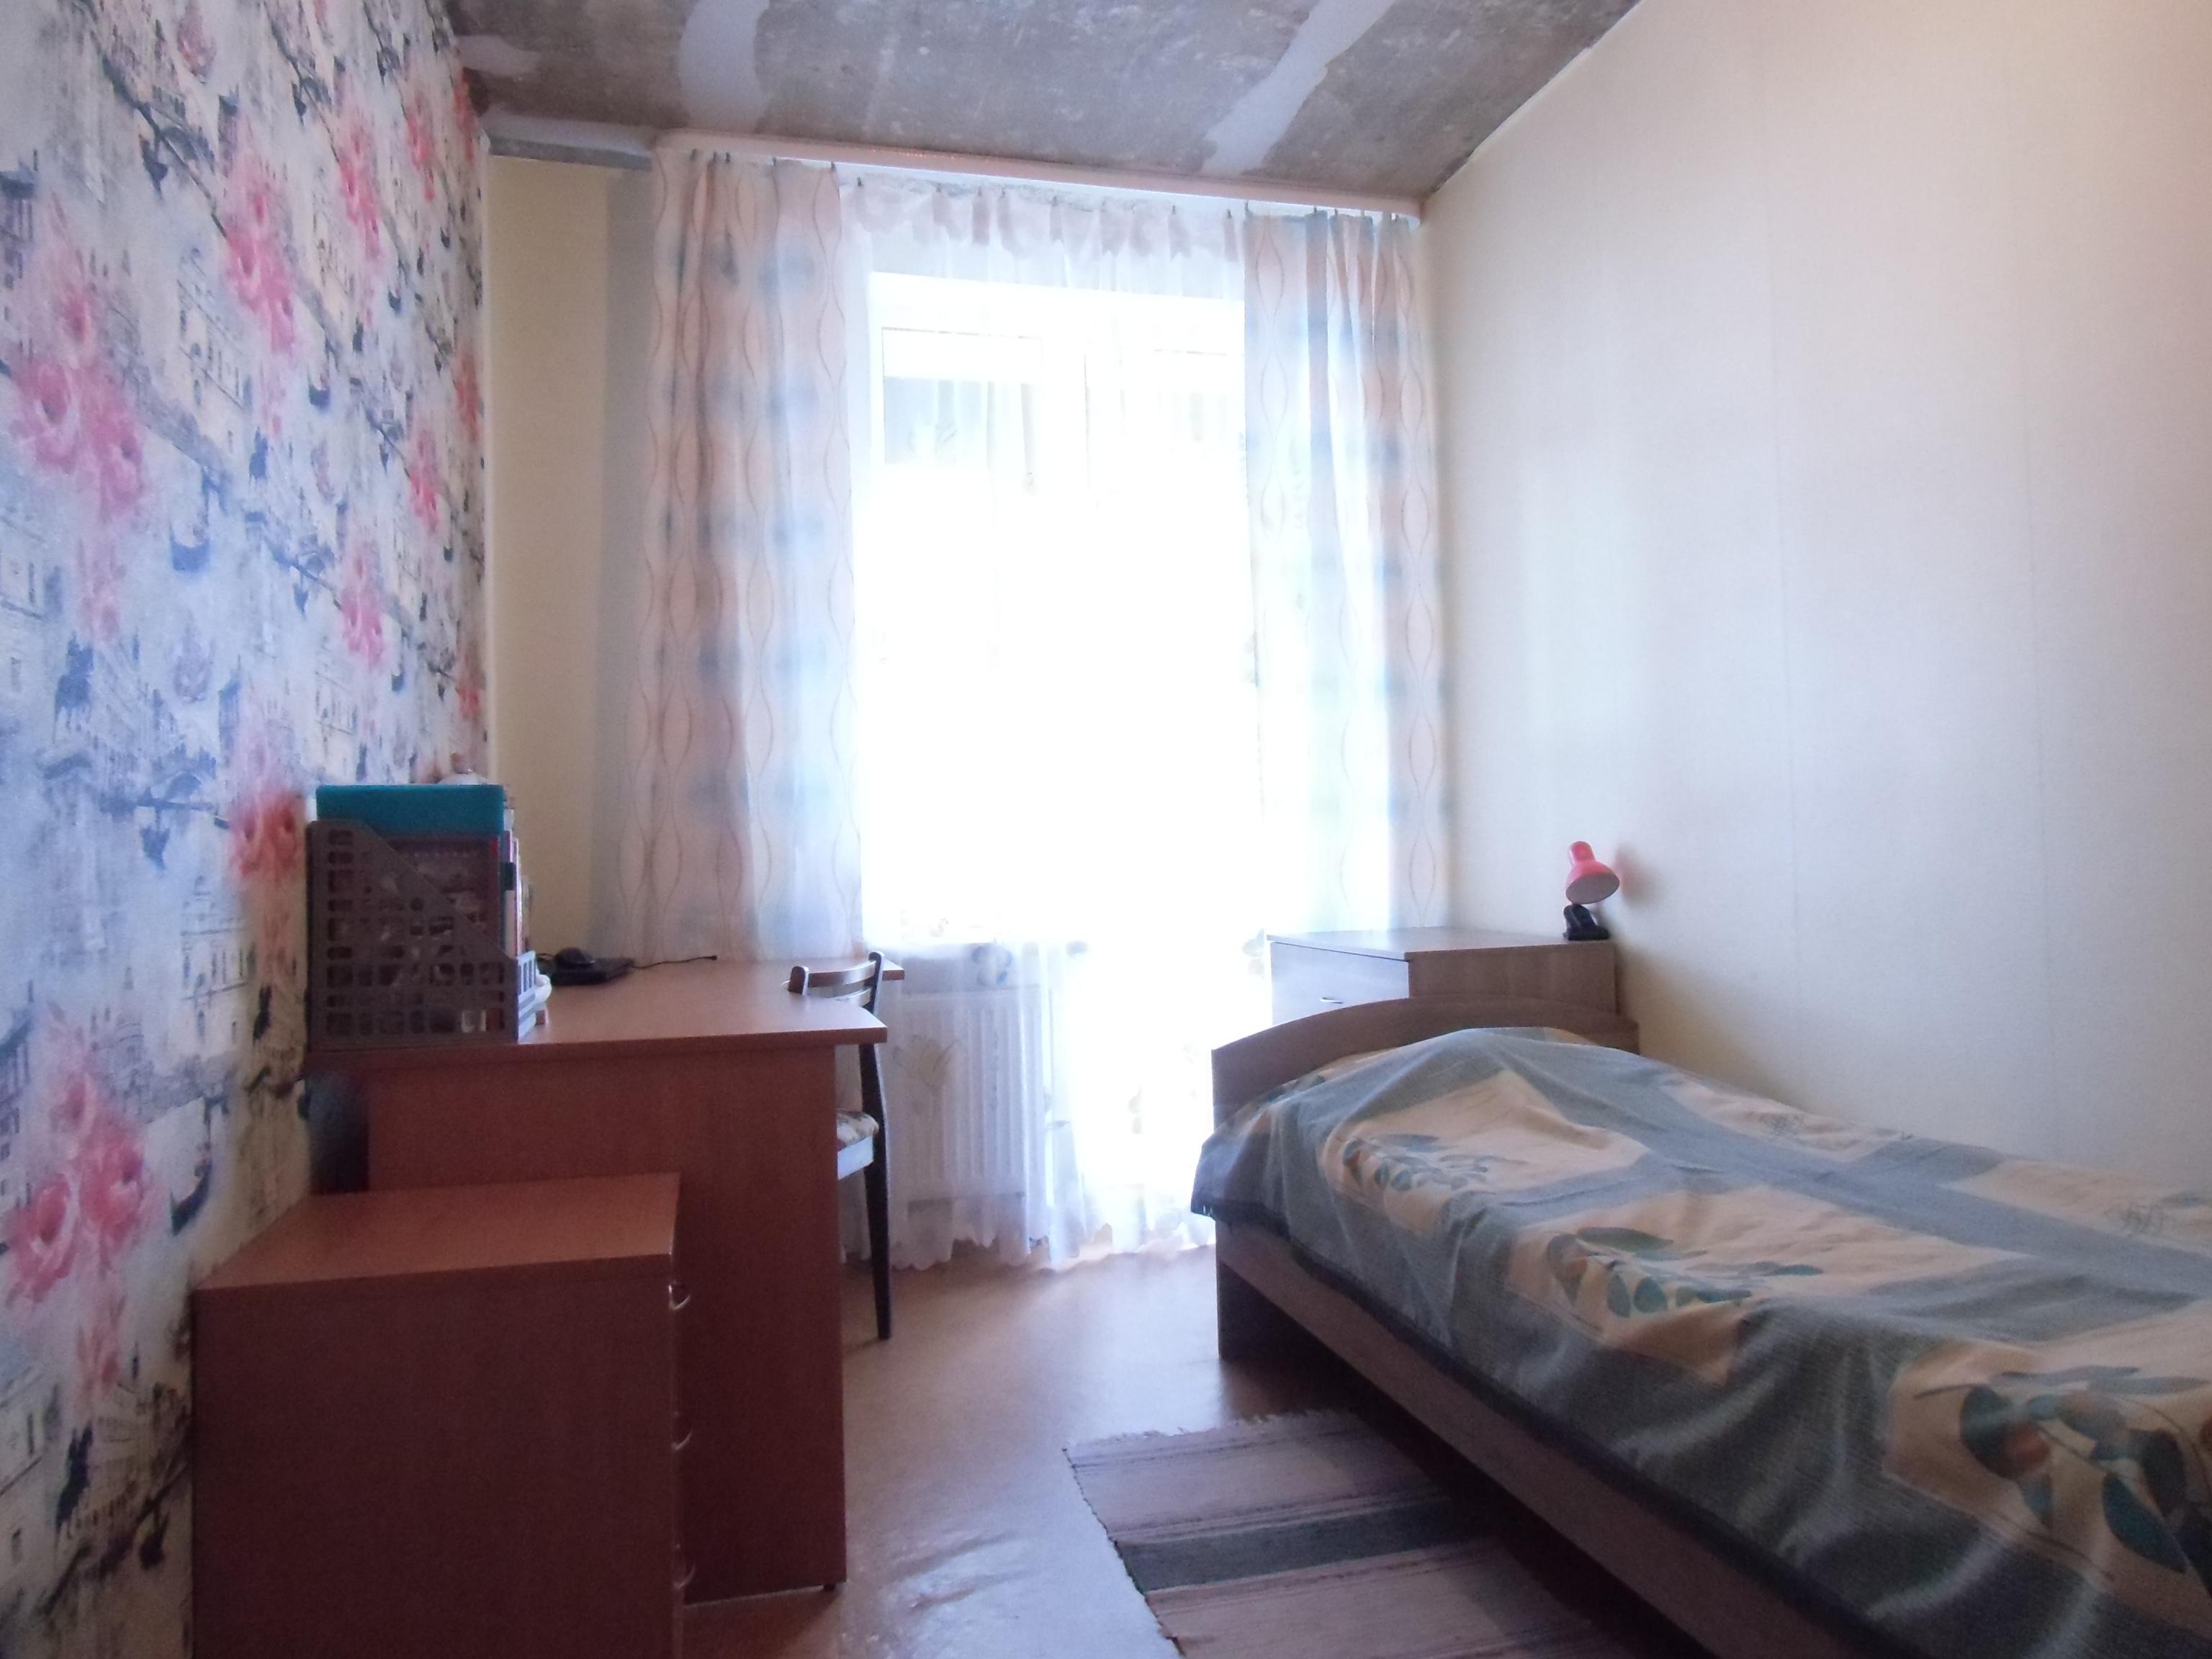 Купить квартиру Санкт-Петербург, Рыбацкий пр-кт., 18, к.2, литера А